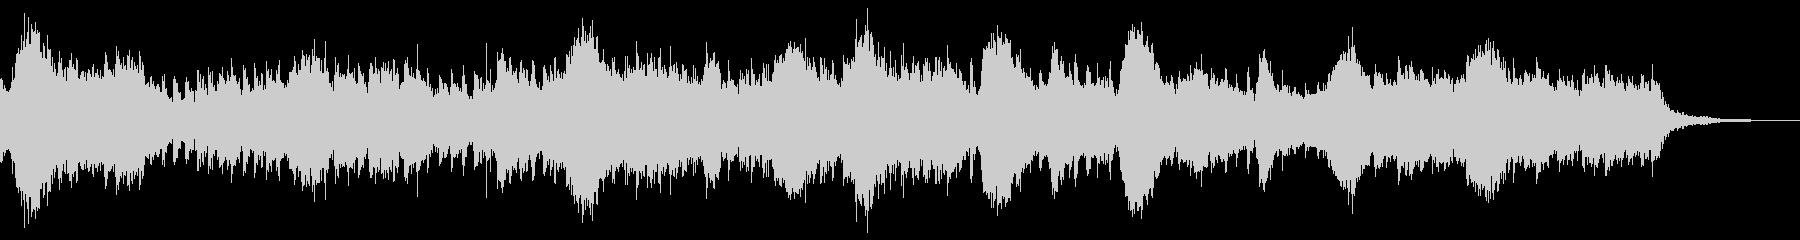 ミステリアスなストリングスとアルペジオの未再生の波形